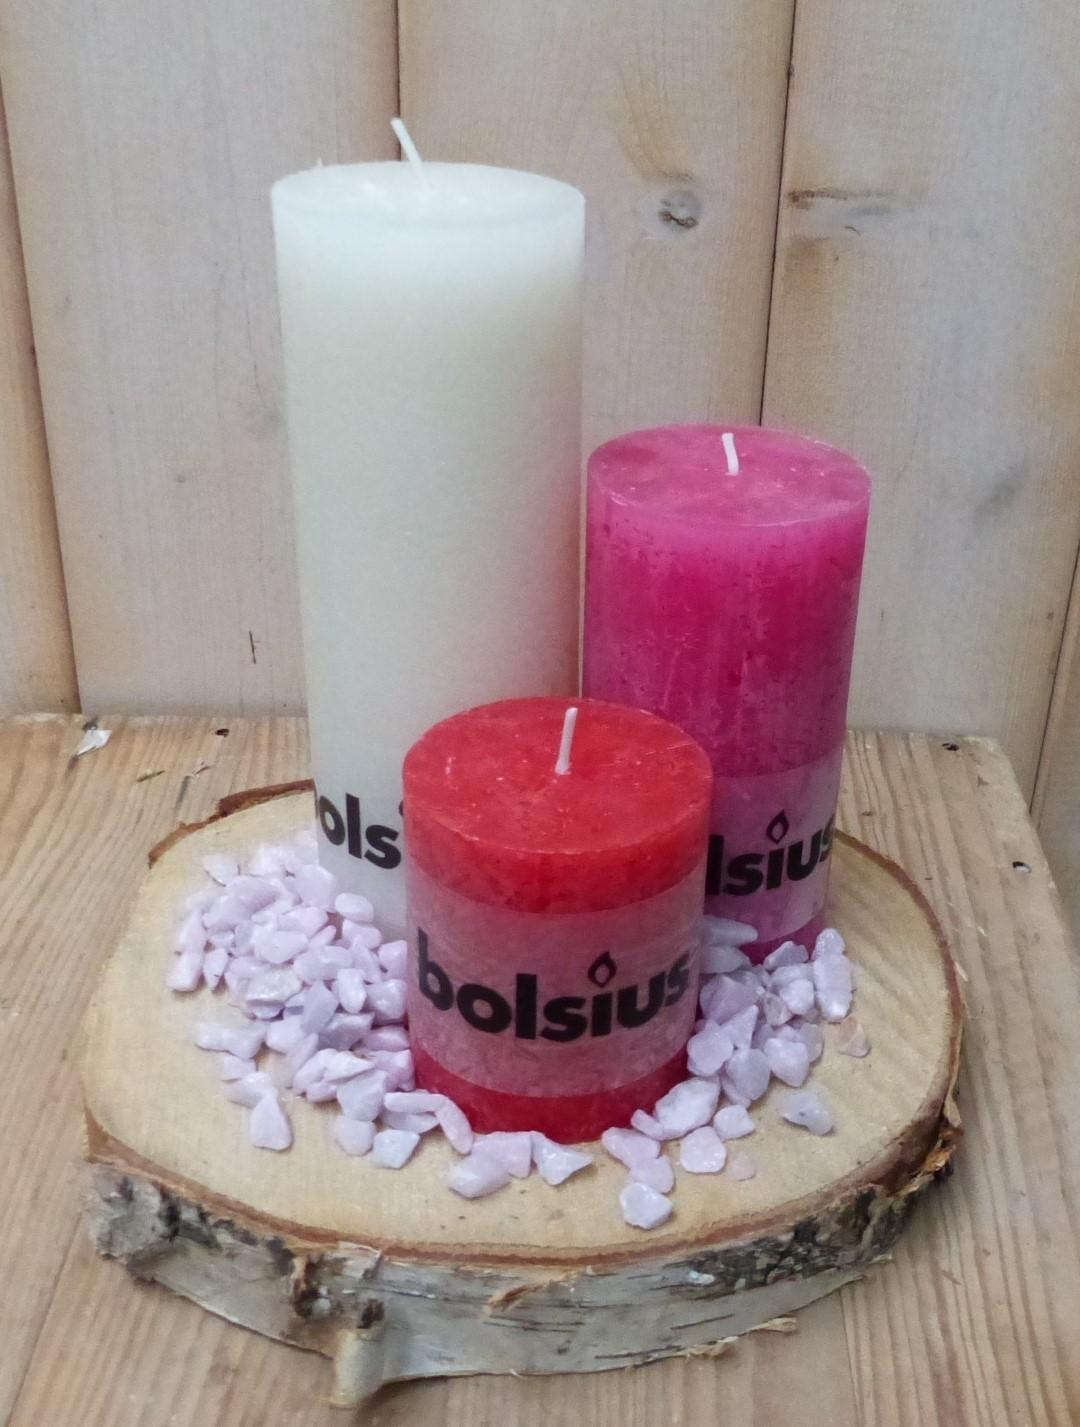 3-delige set kaarsen cremewit, roze en rood, grindkleur: paarsroze, dia. circa 30 cm